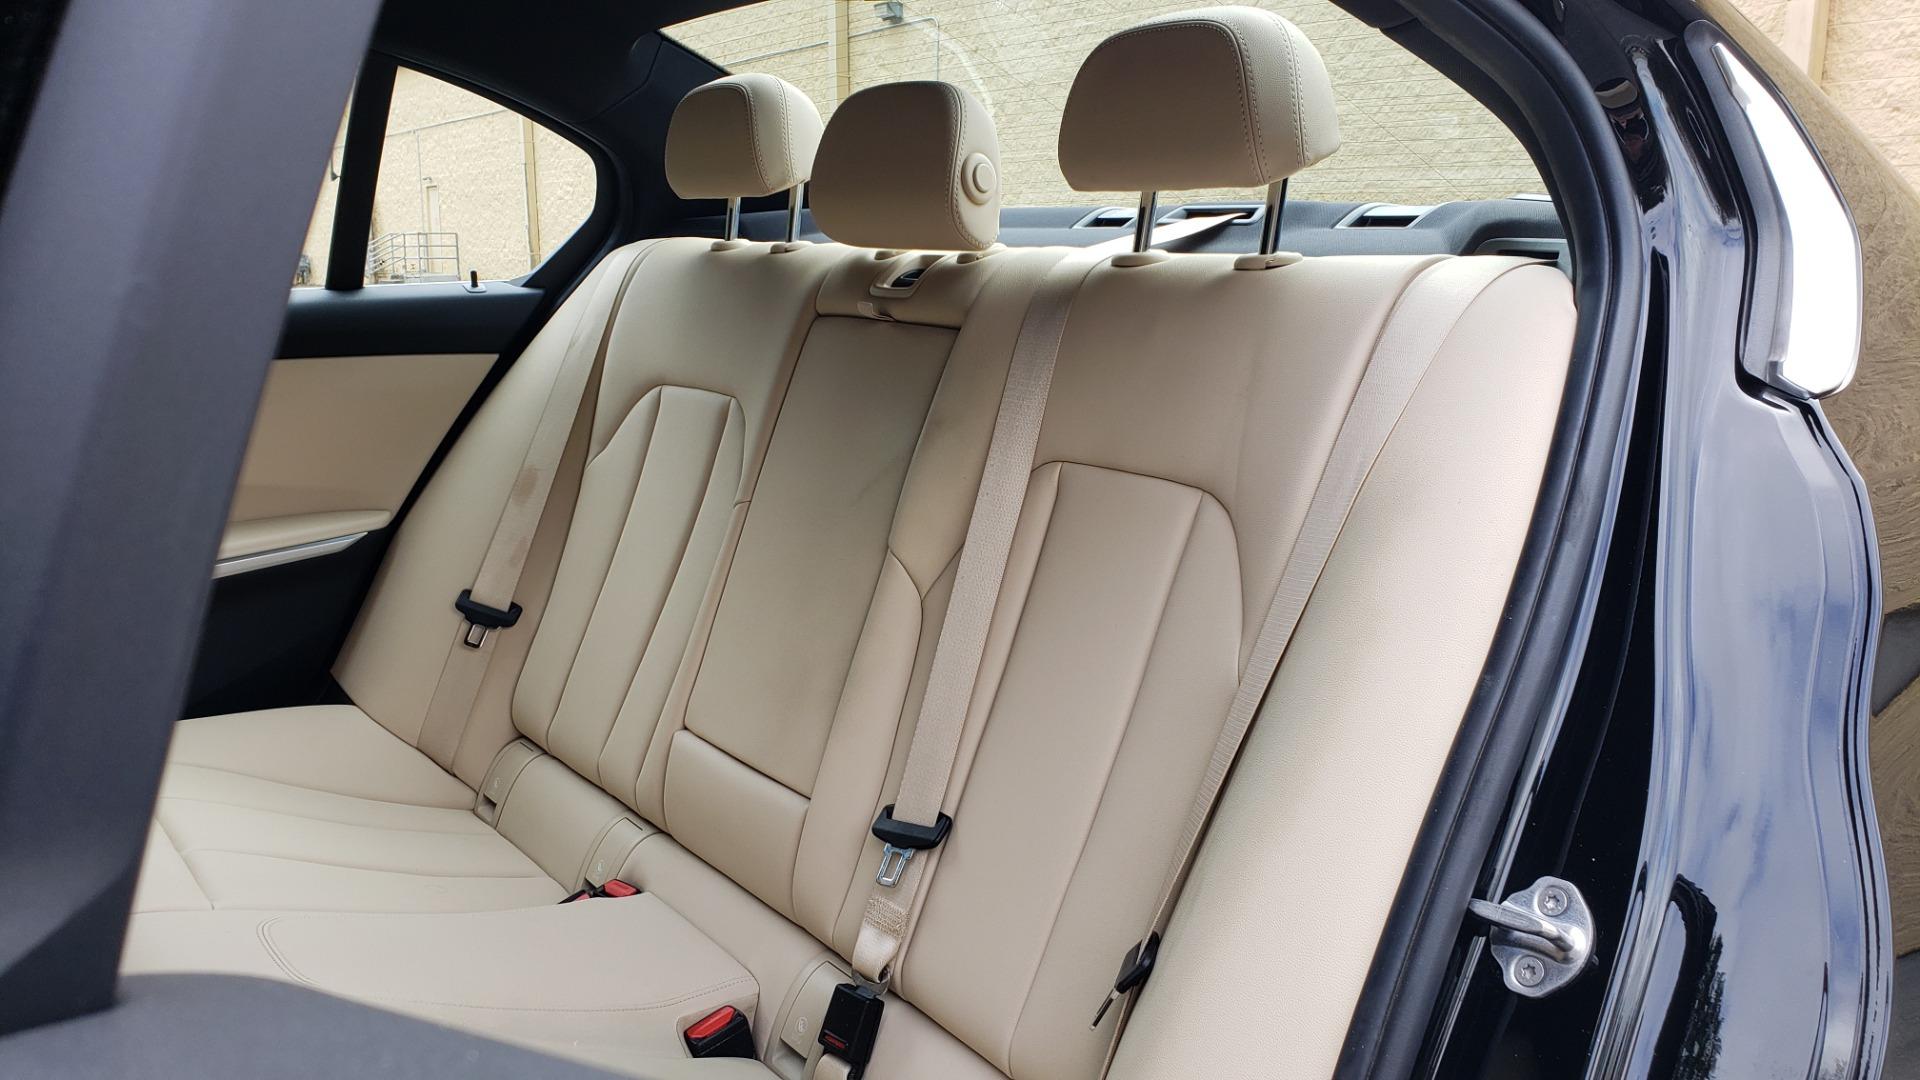 Used 2019 BMW 3 SERIES 330I PREM PKG / NAV / CONV PKG / H&K SND / LIVE COCKPIT PRO for sale Sold at Formula Imports in Charlotte NC 28227 66